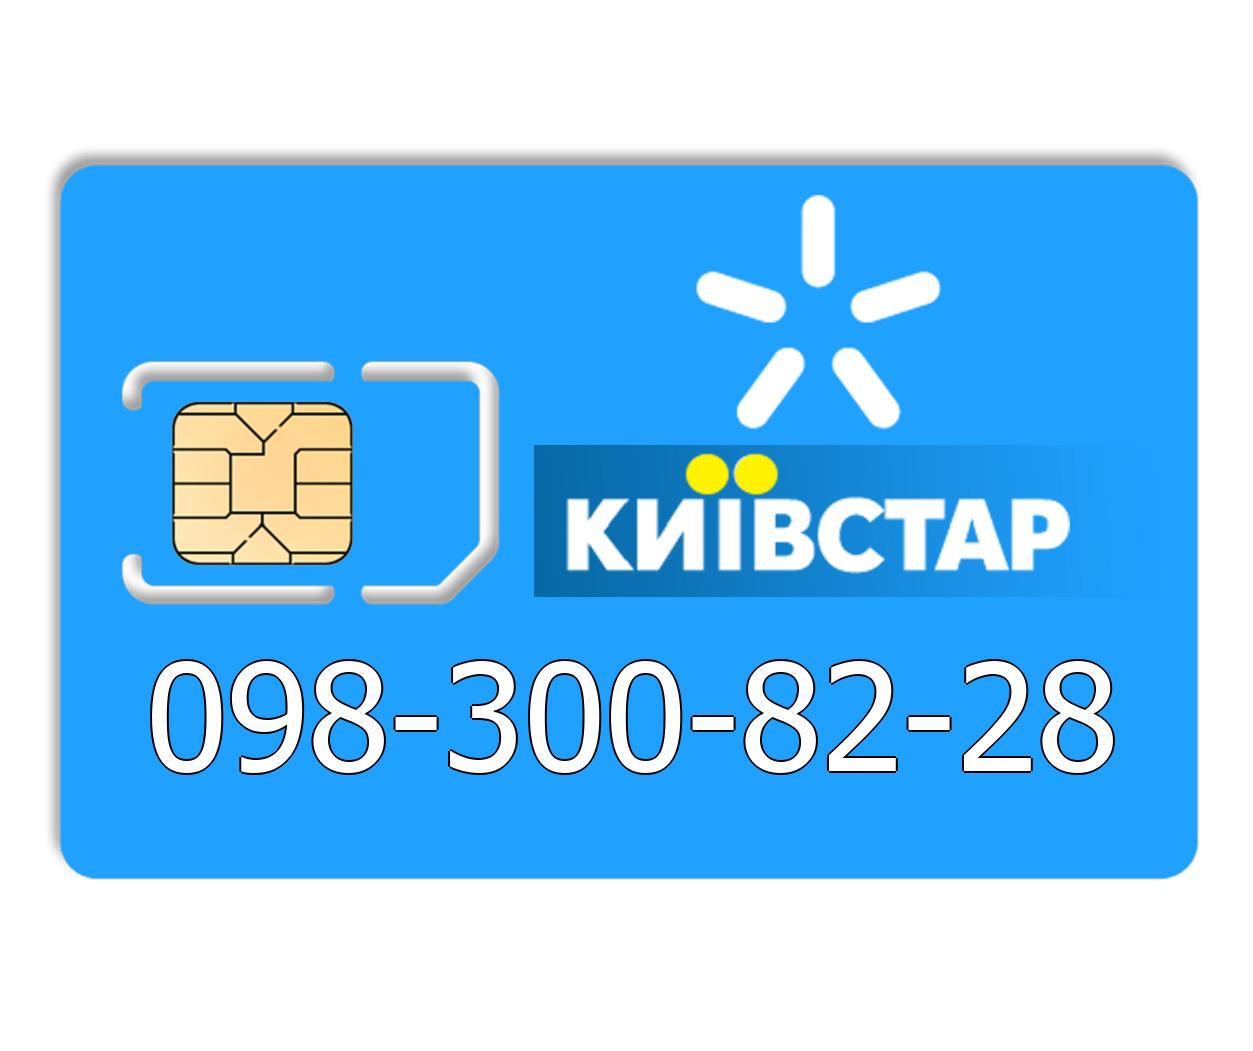 Красивый номер Киевстар 098-300-82-28